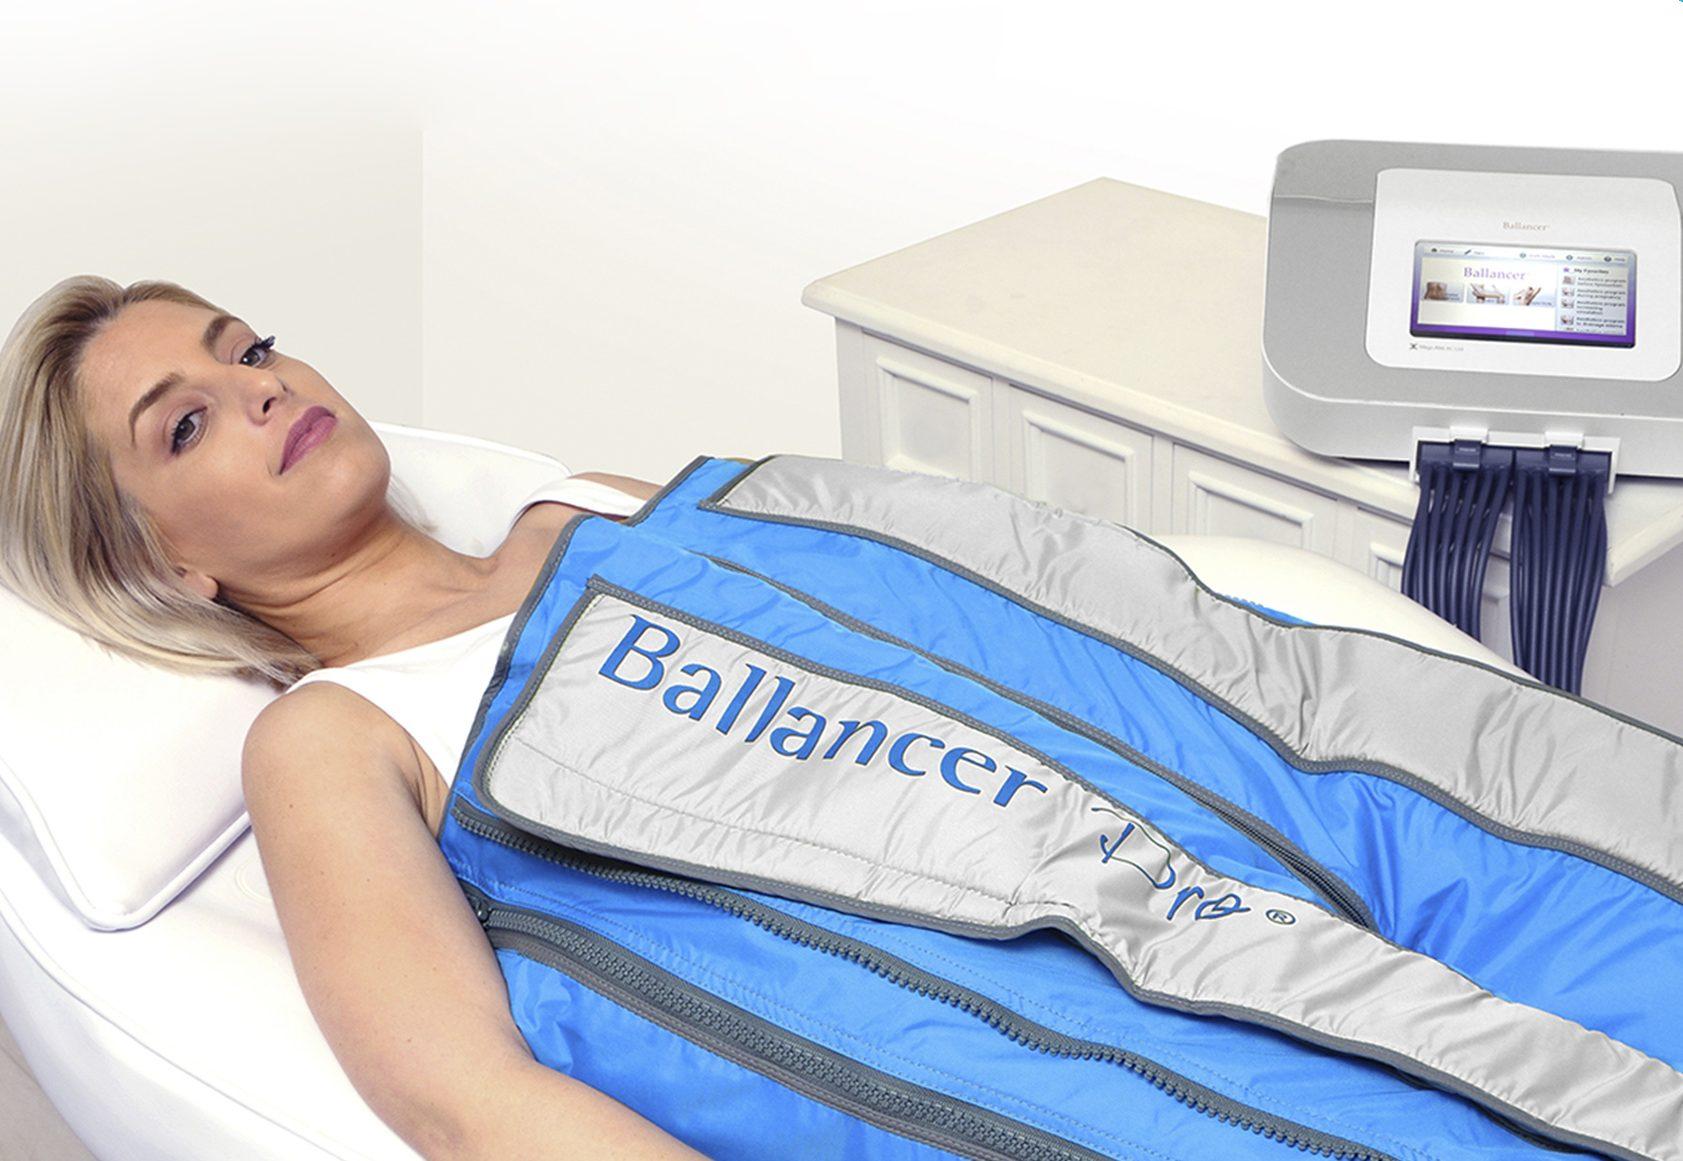 ballancer presoterapia aparatología estética para centros